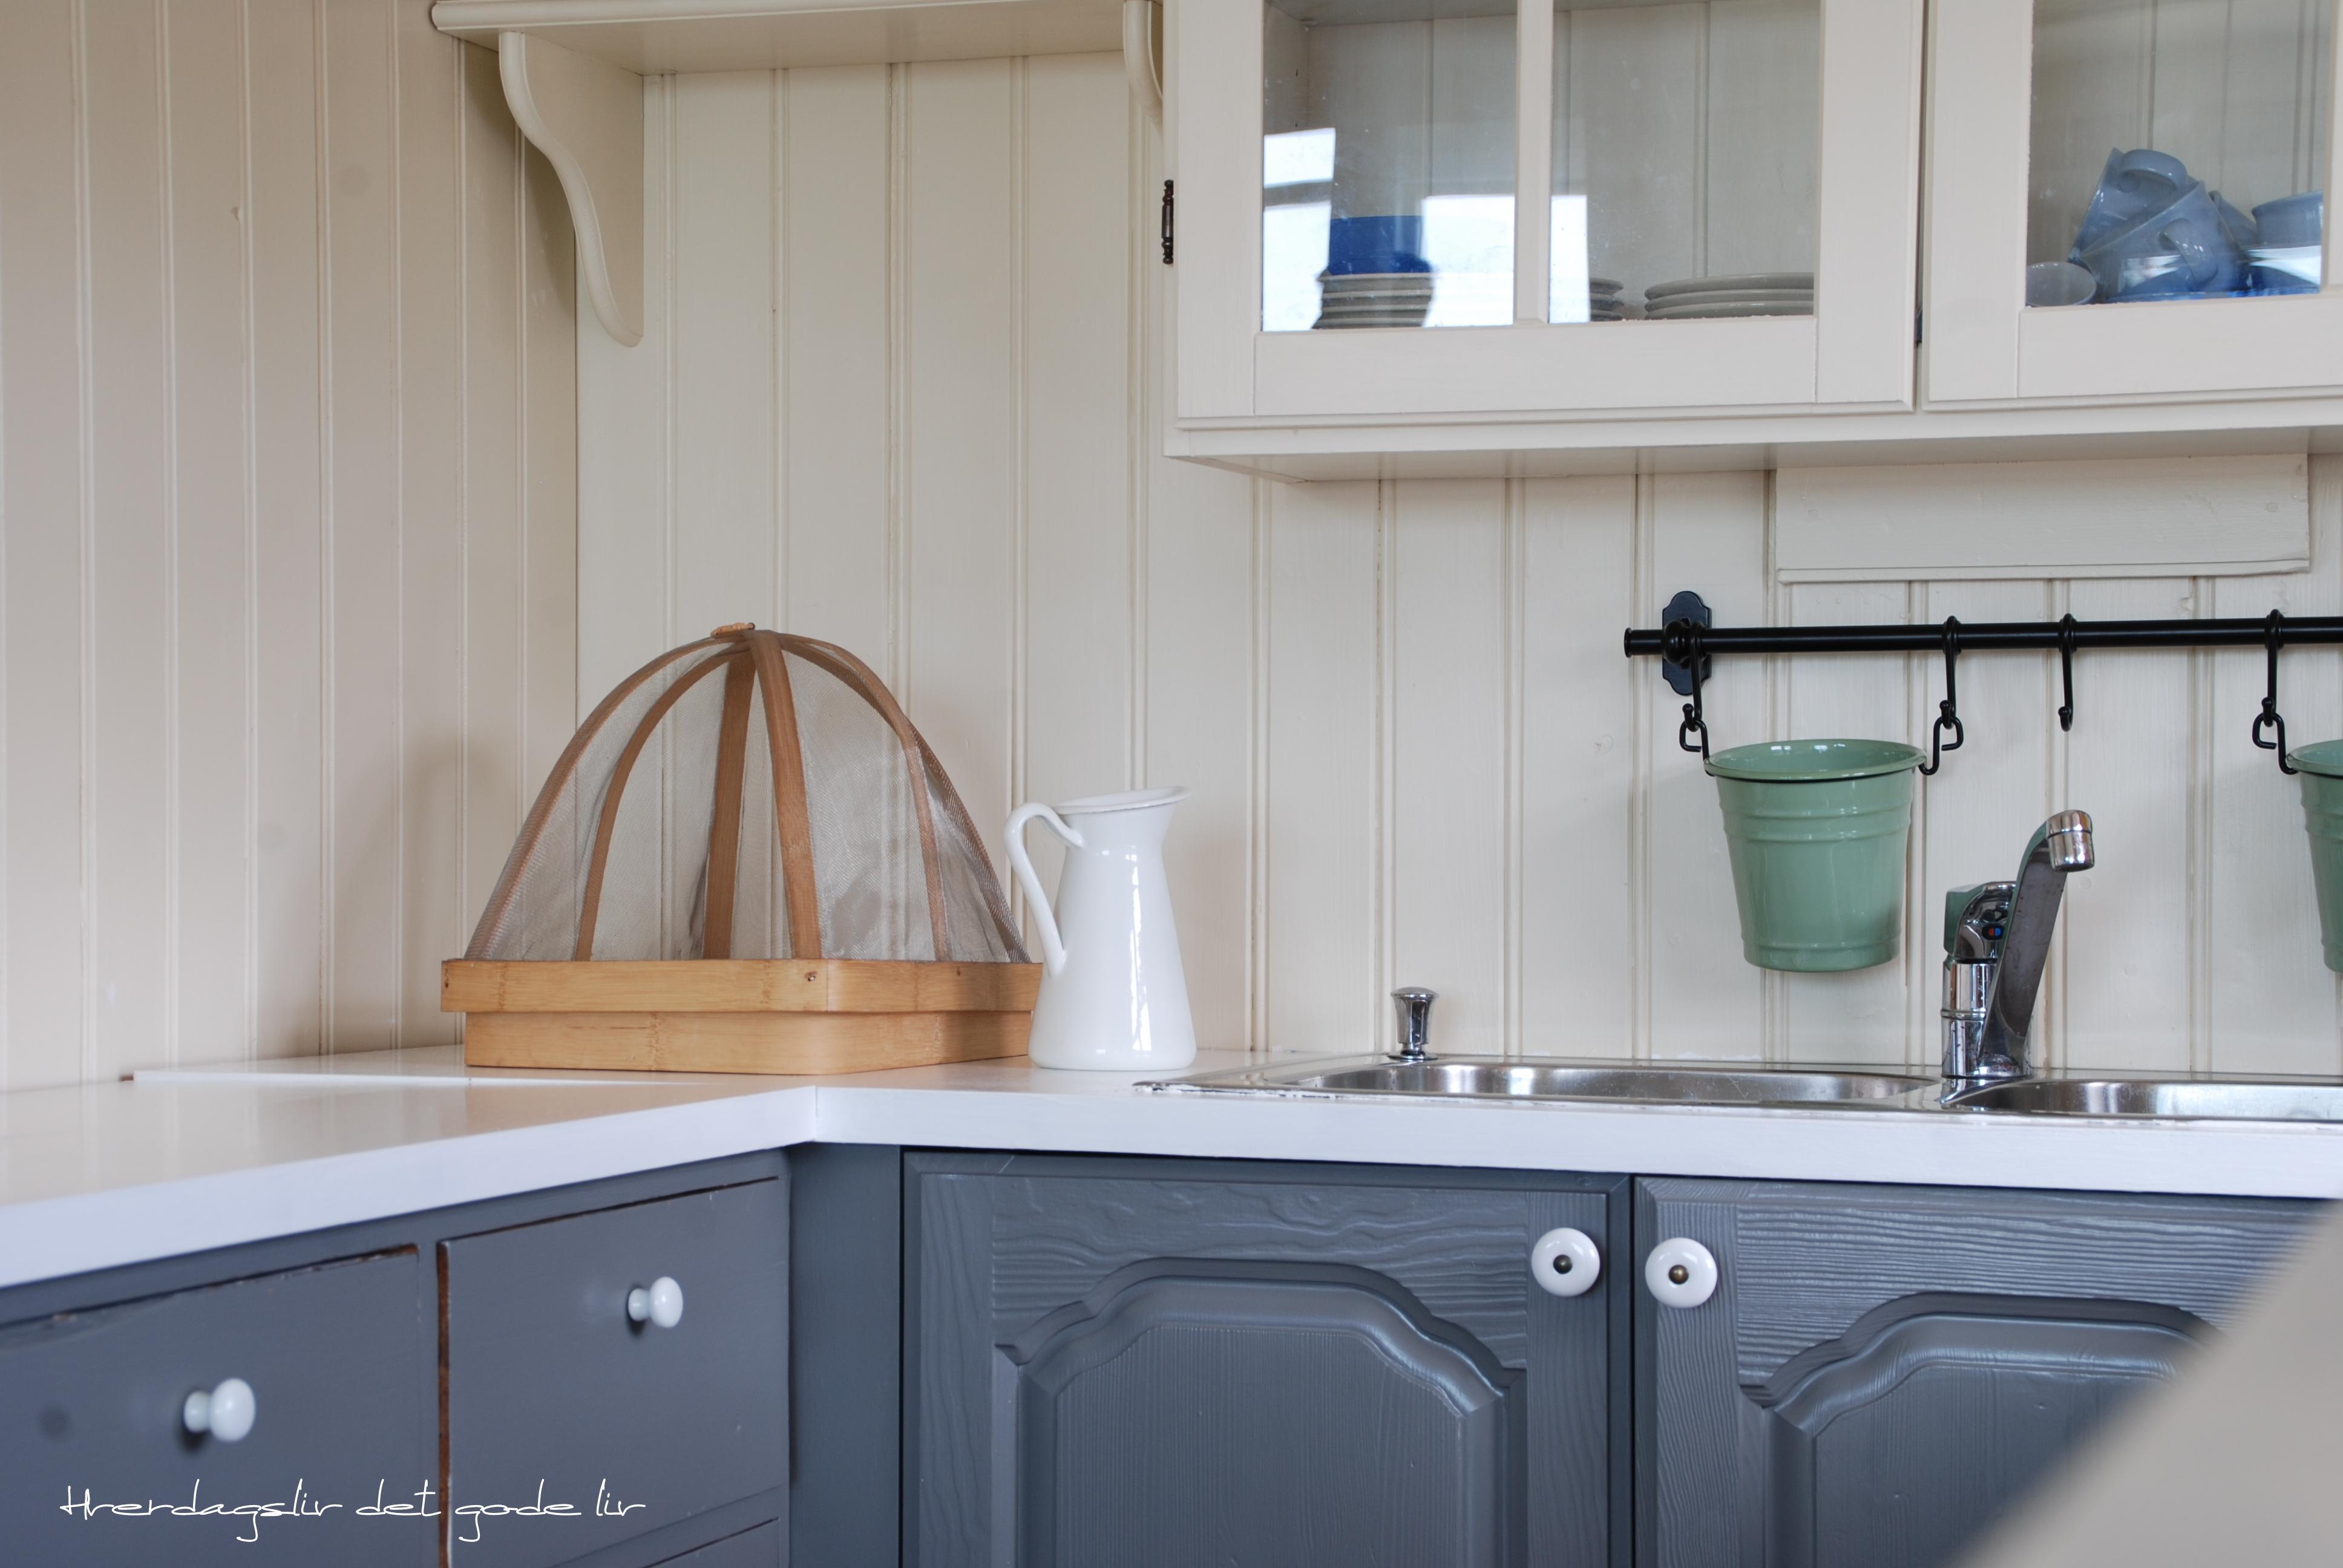 Kjøkken sjøhytte - bye9design